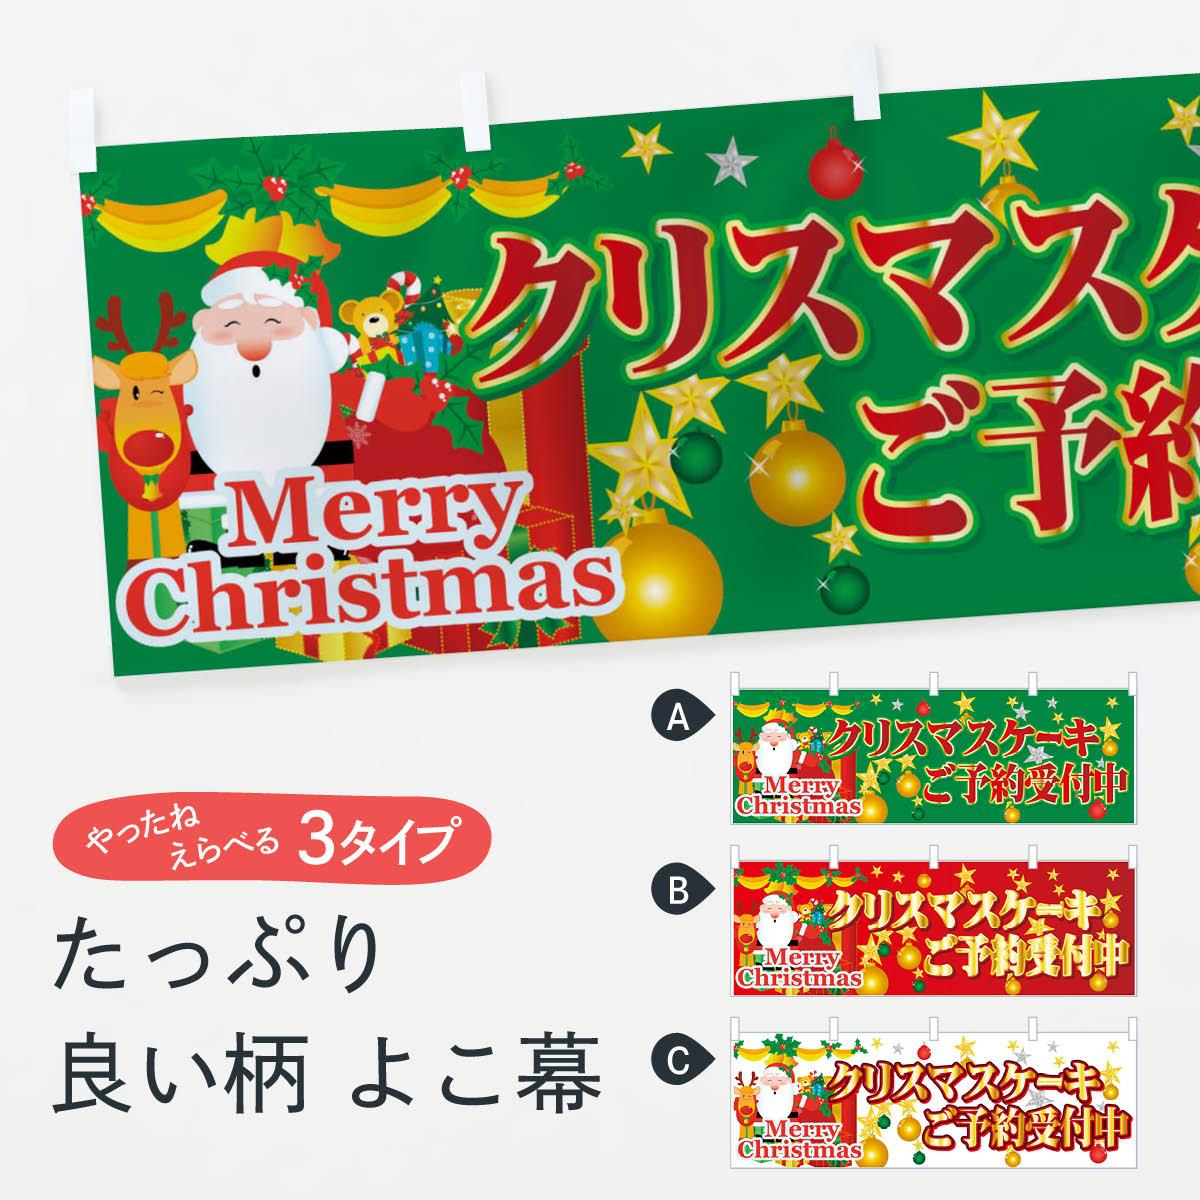 横幕 クリスマスケーキ 低価格に対して高品質とデザイン性で選ばれてます 各サイズや仕様にも対応 低廉 送料無料(一部地域を除く) 3980送料無料 Chistmas Merry ご予約受付中